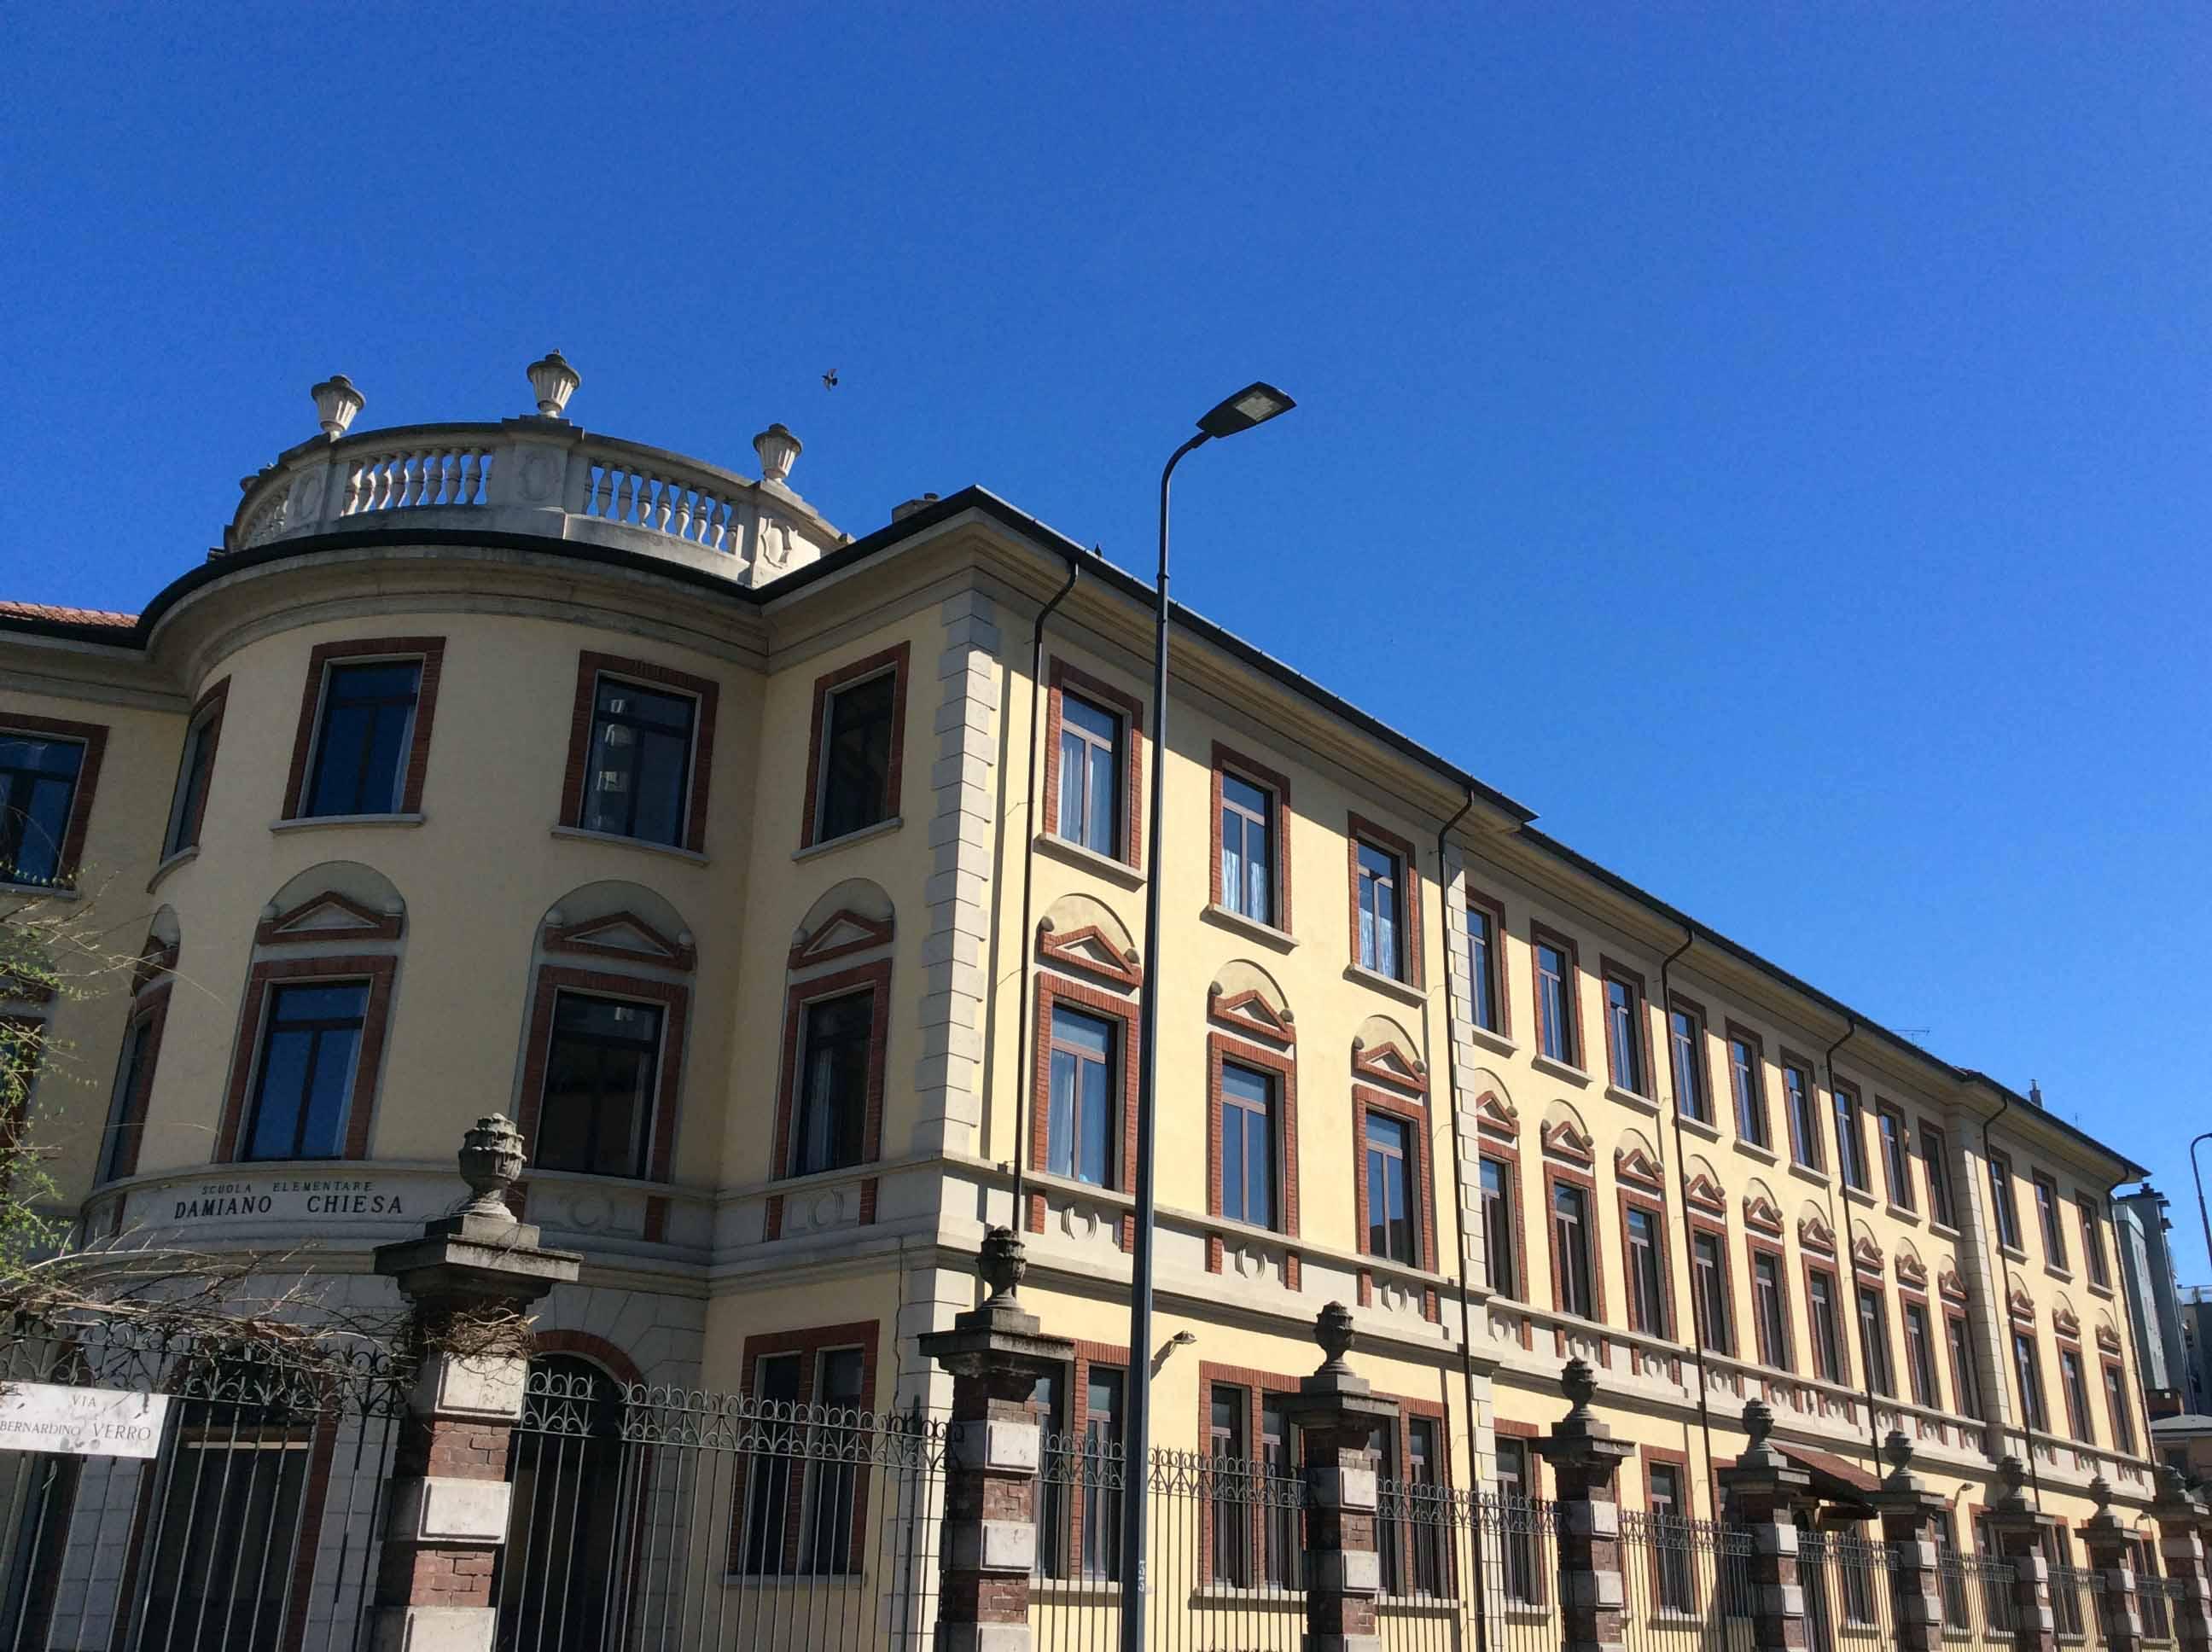 Progetti Esterni Scuola Primaria : Ic ferraris scuola dell infanzia u cquadranou d